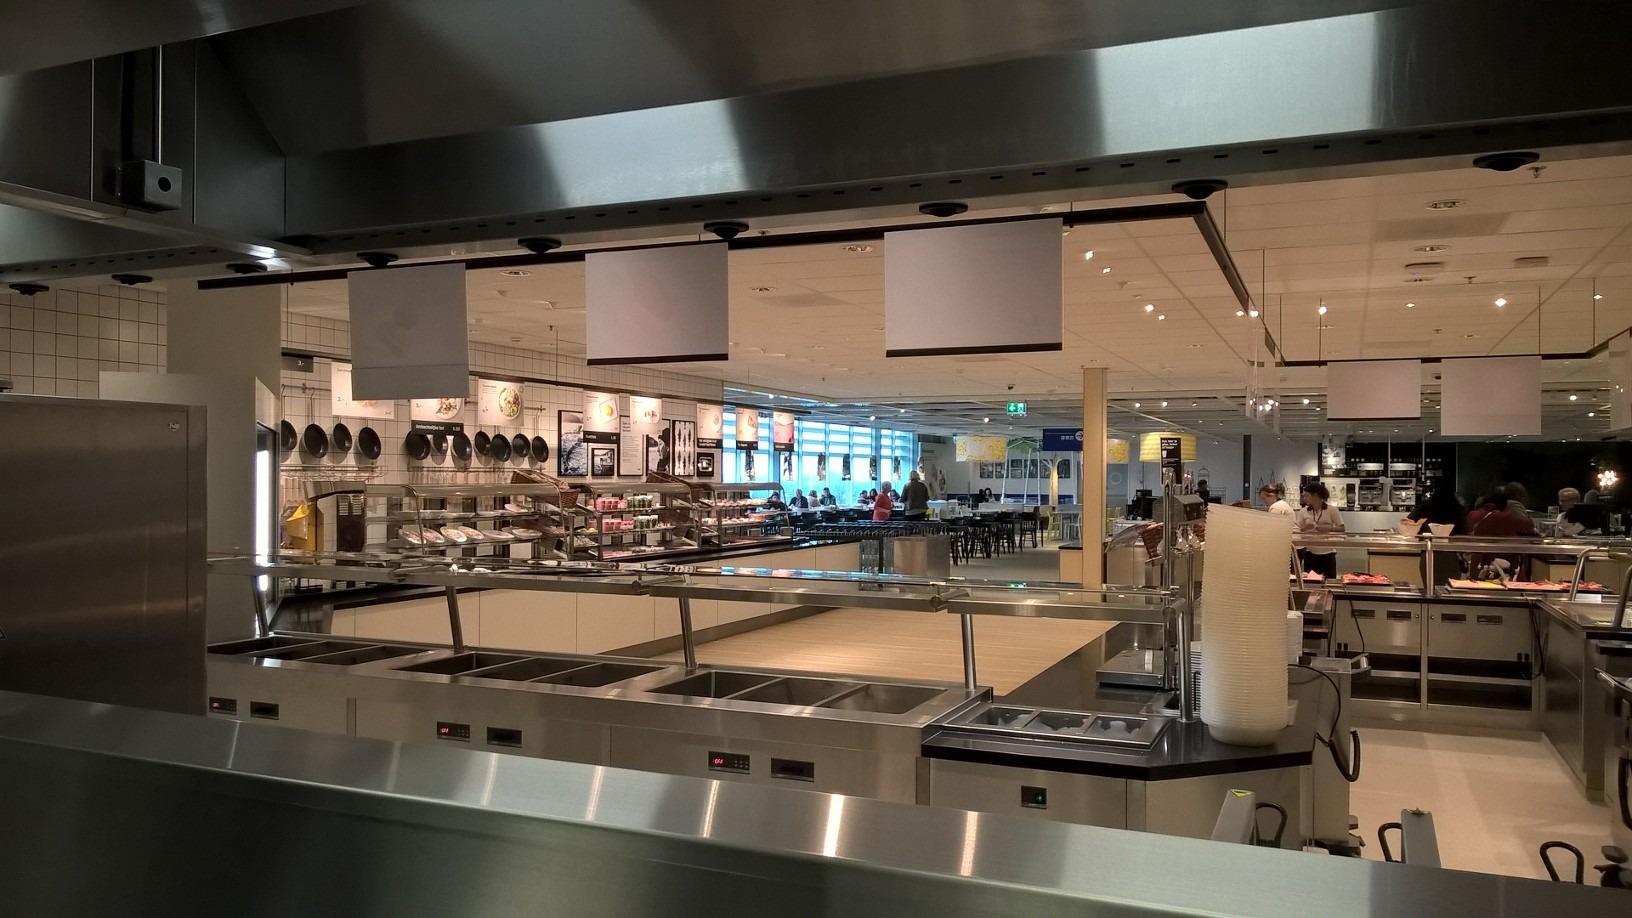 Verbouw IKEA keuken 3